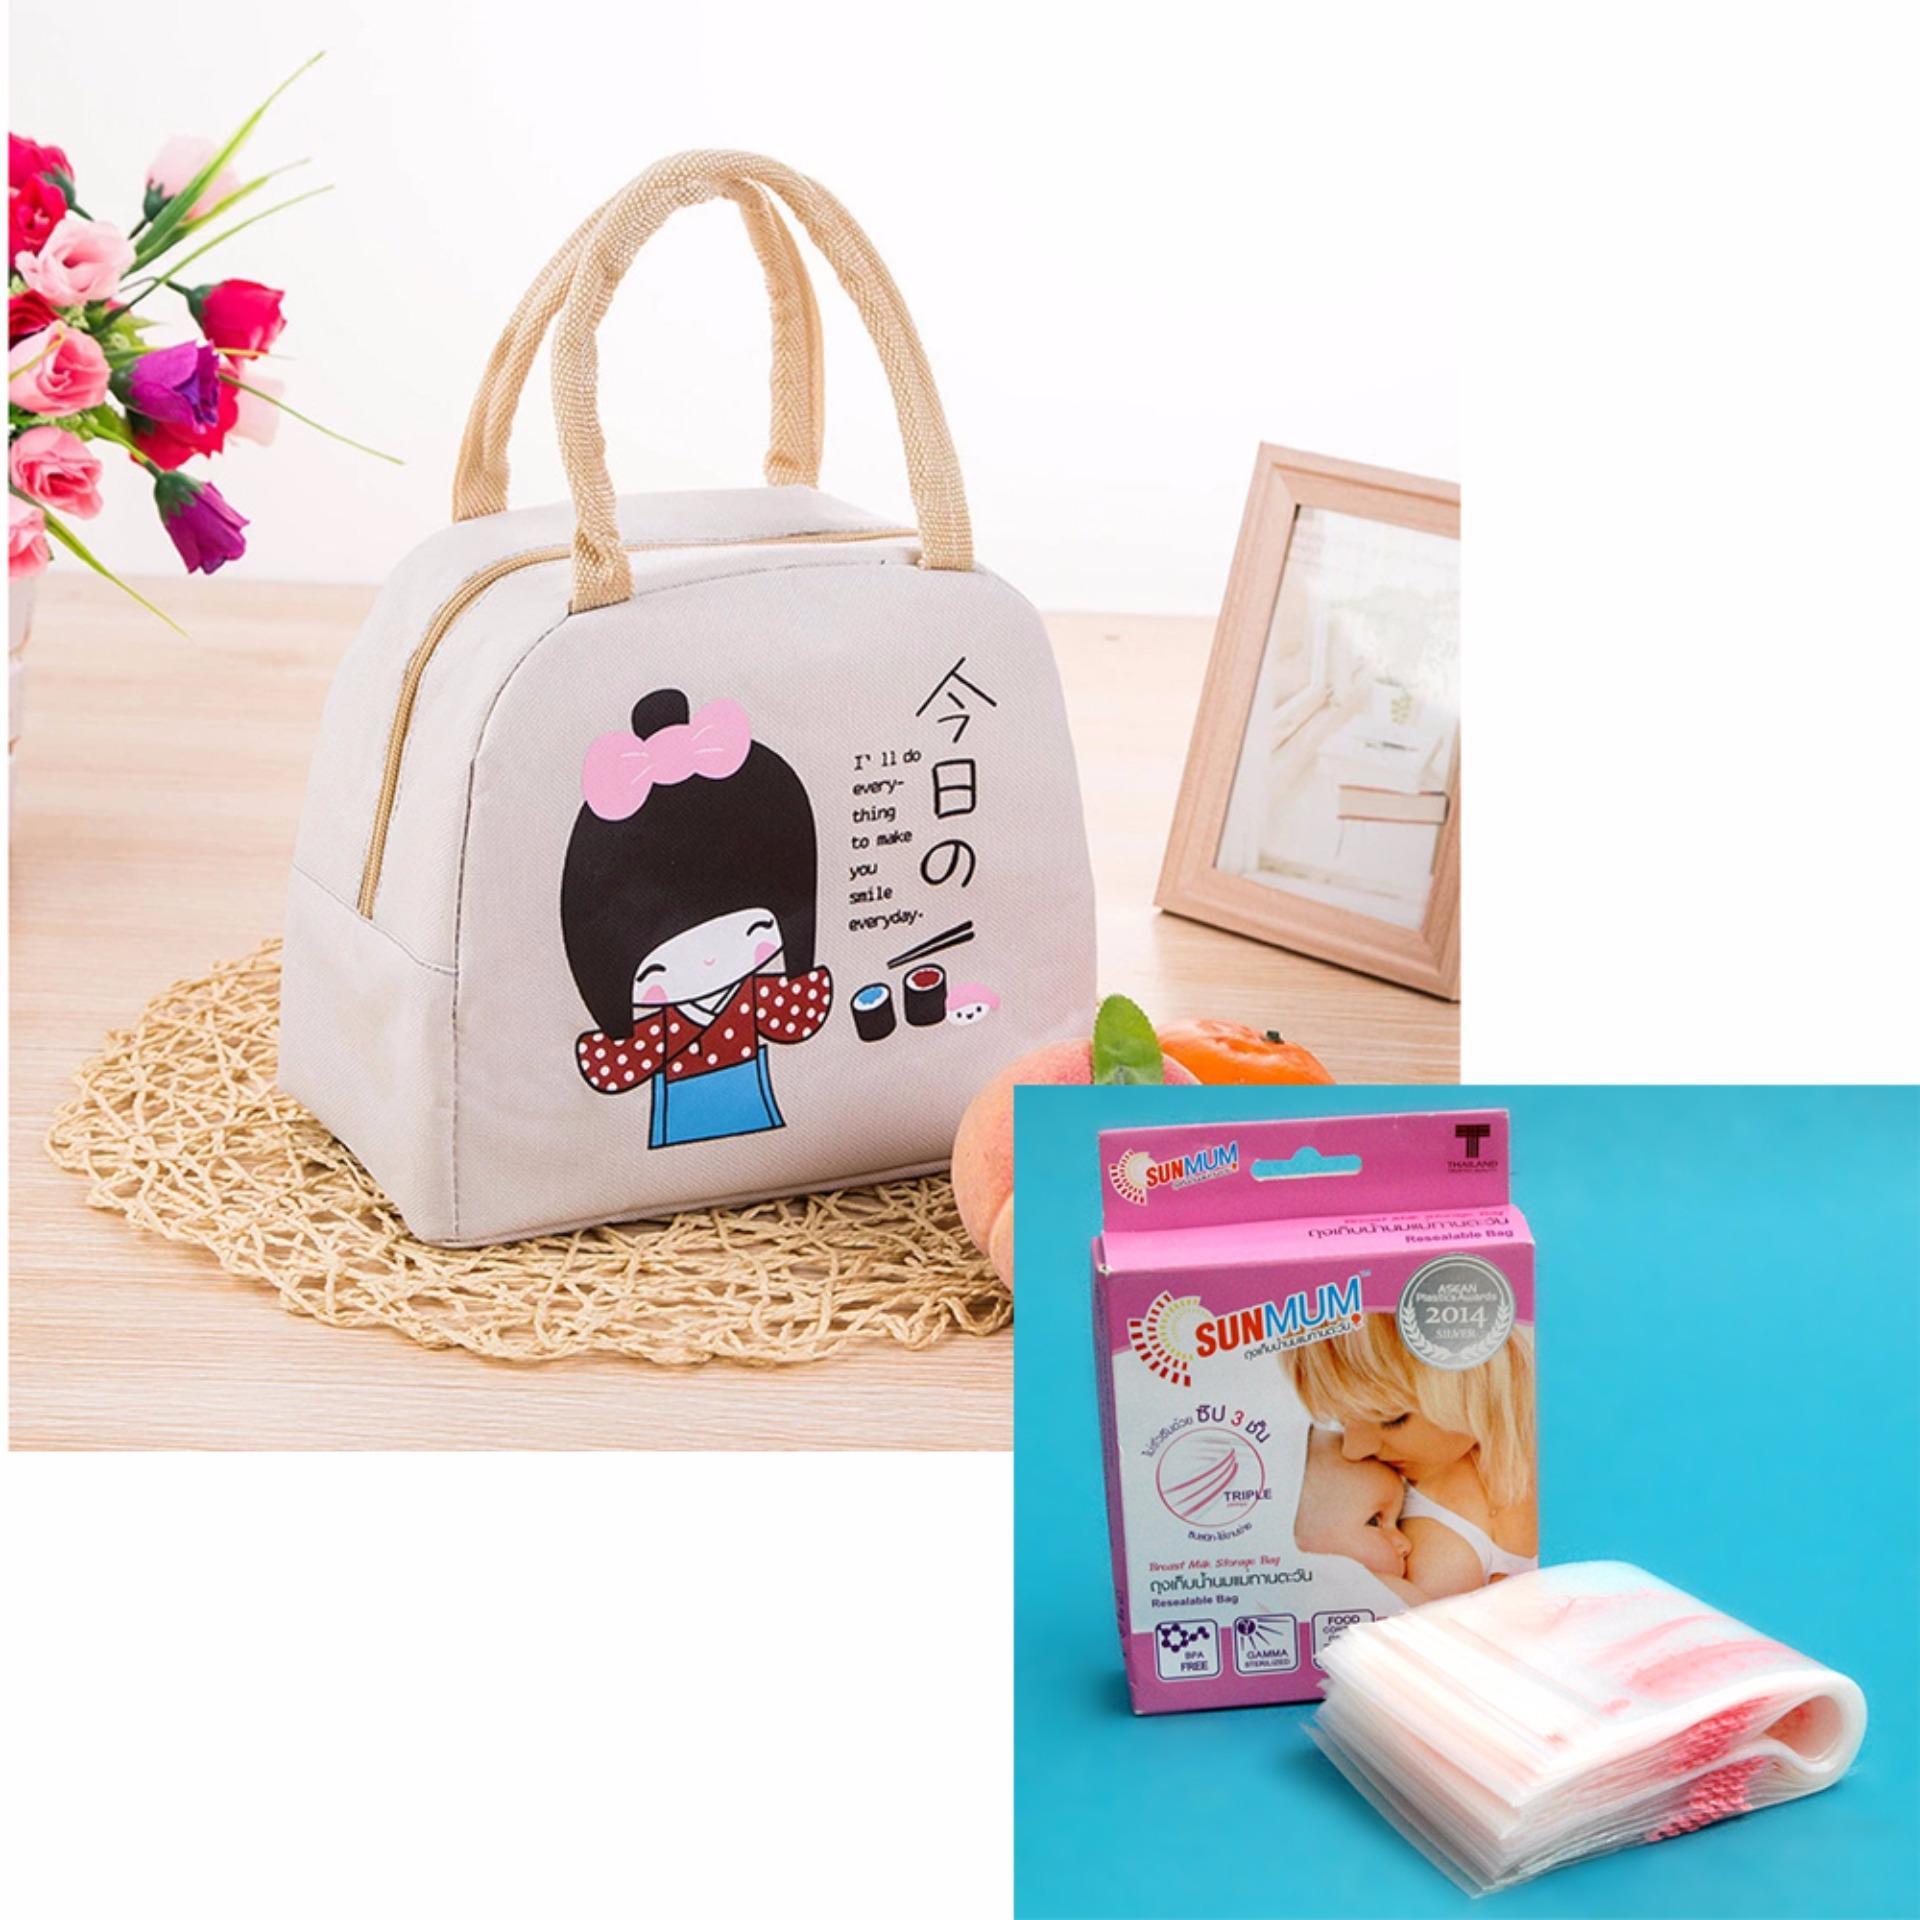 Bộ túi giữ nhiệt + túi trữ sữa Sunmum (Cô gái nhật bản trắng sữa)